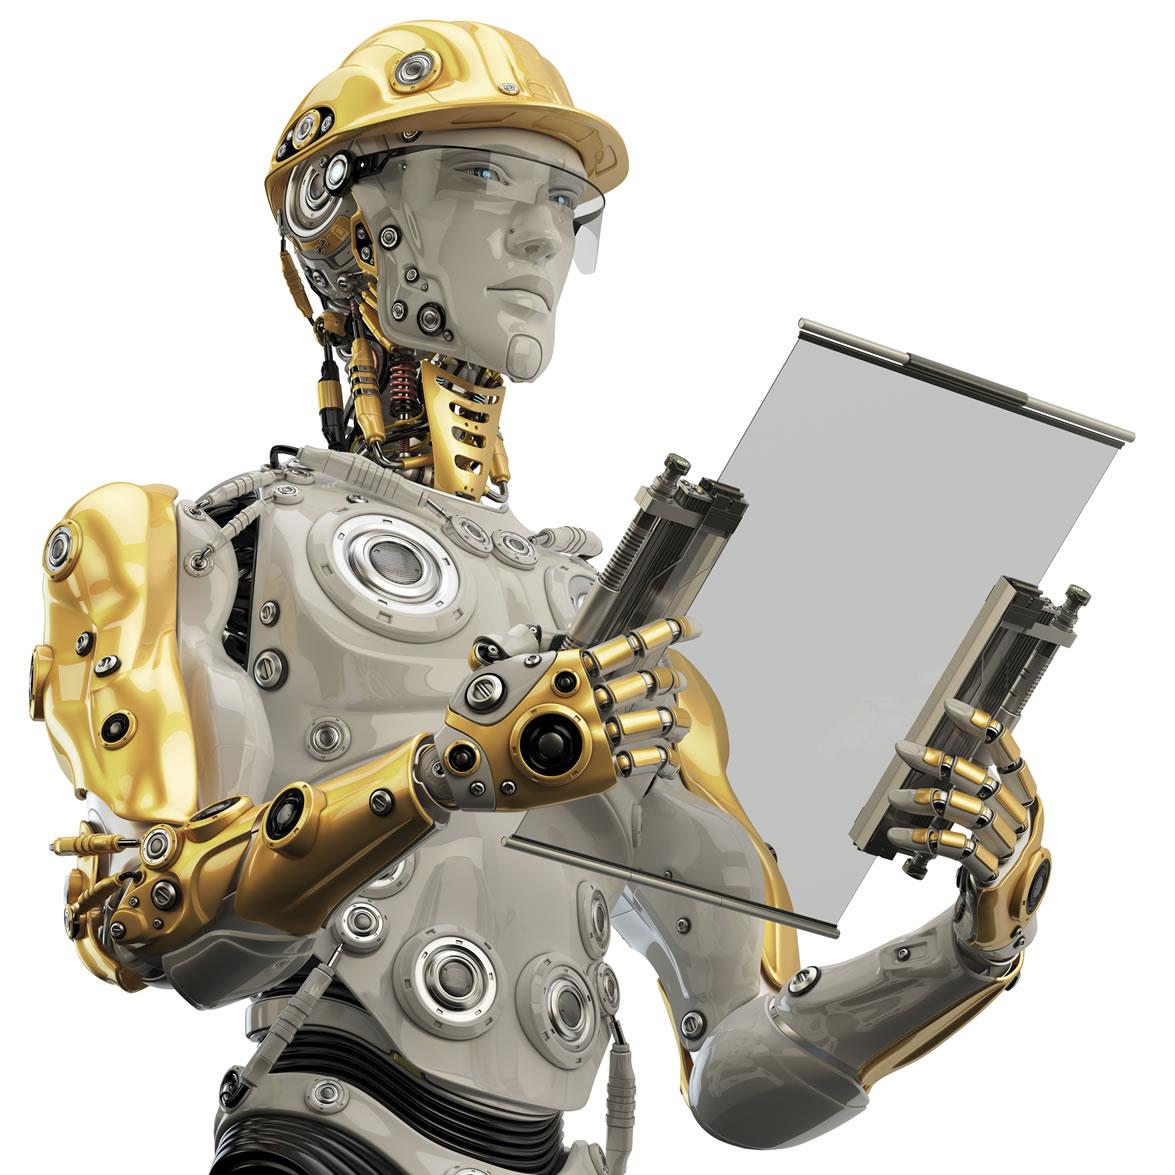 Obrázek: Přijdete o práci i vy? Stroje začínají nahrazovat lidi, umělá inteligence je poráží